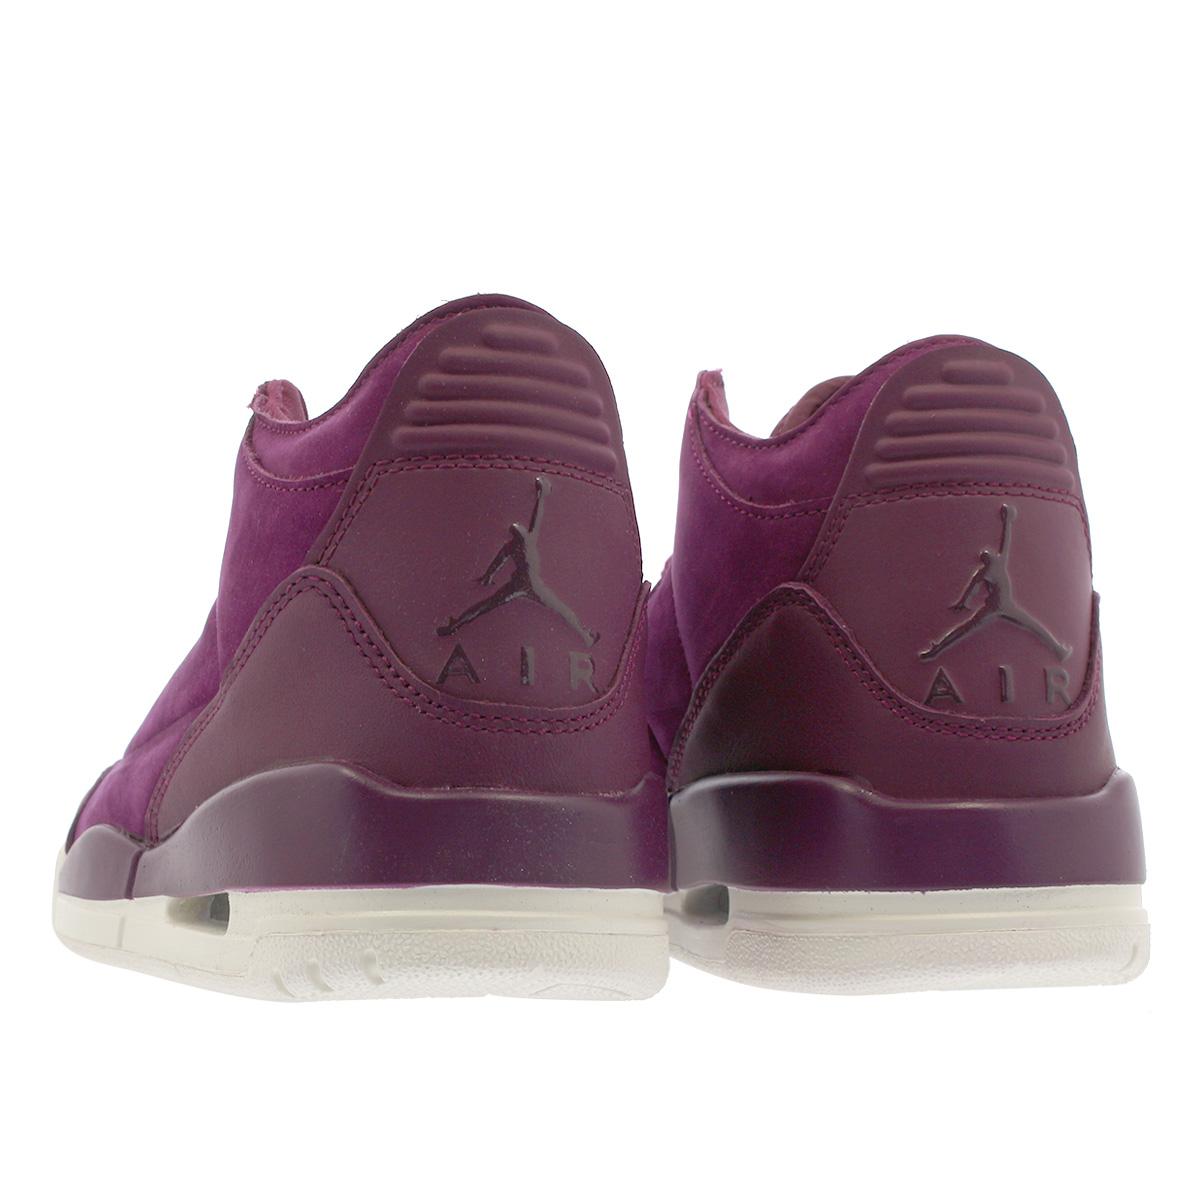 competitive price e1892 268ad NIKE WMNS AIR JORDAN 3 RETRO SE Nike women Air Jordan 3 nostalgic SE  BORDEAUX/PHANTOM ah7859-600